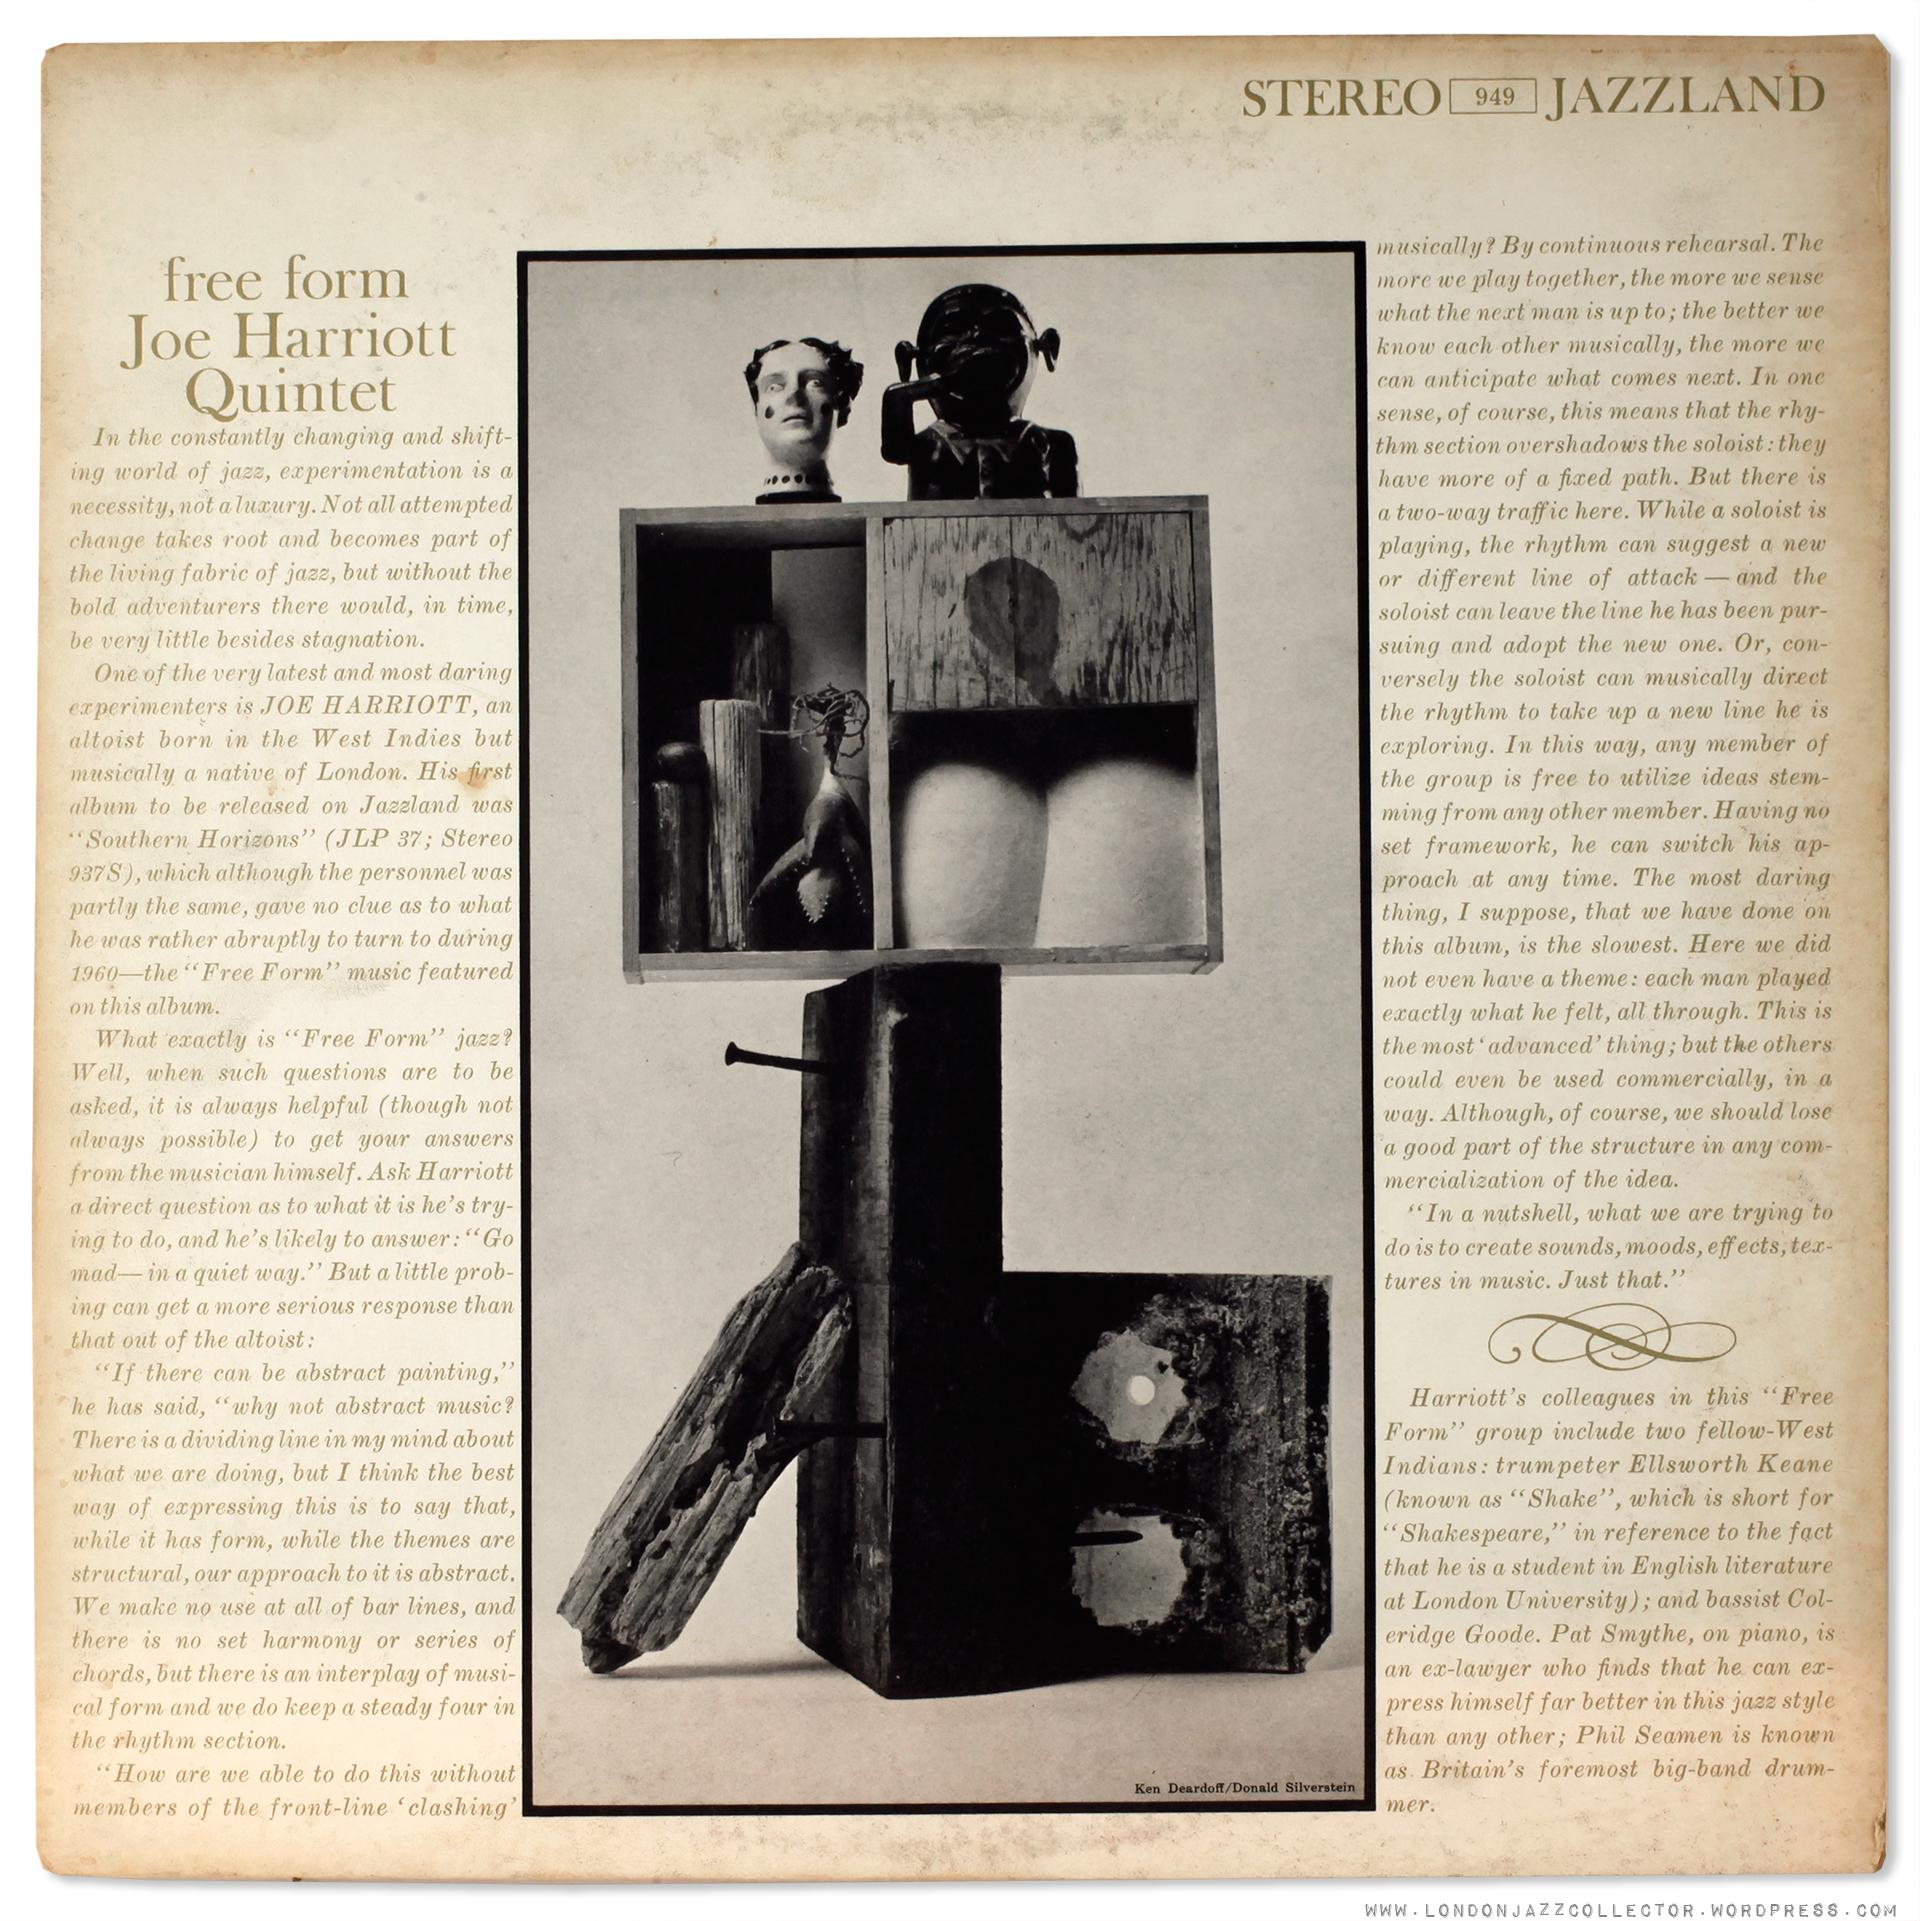 Joe Harriott revisited: Free Form (1960) Jazzland Stereo